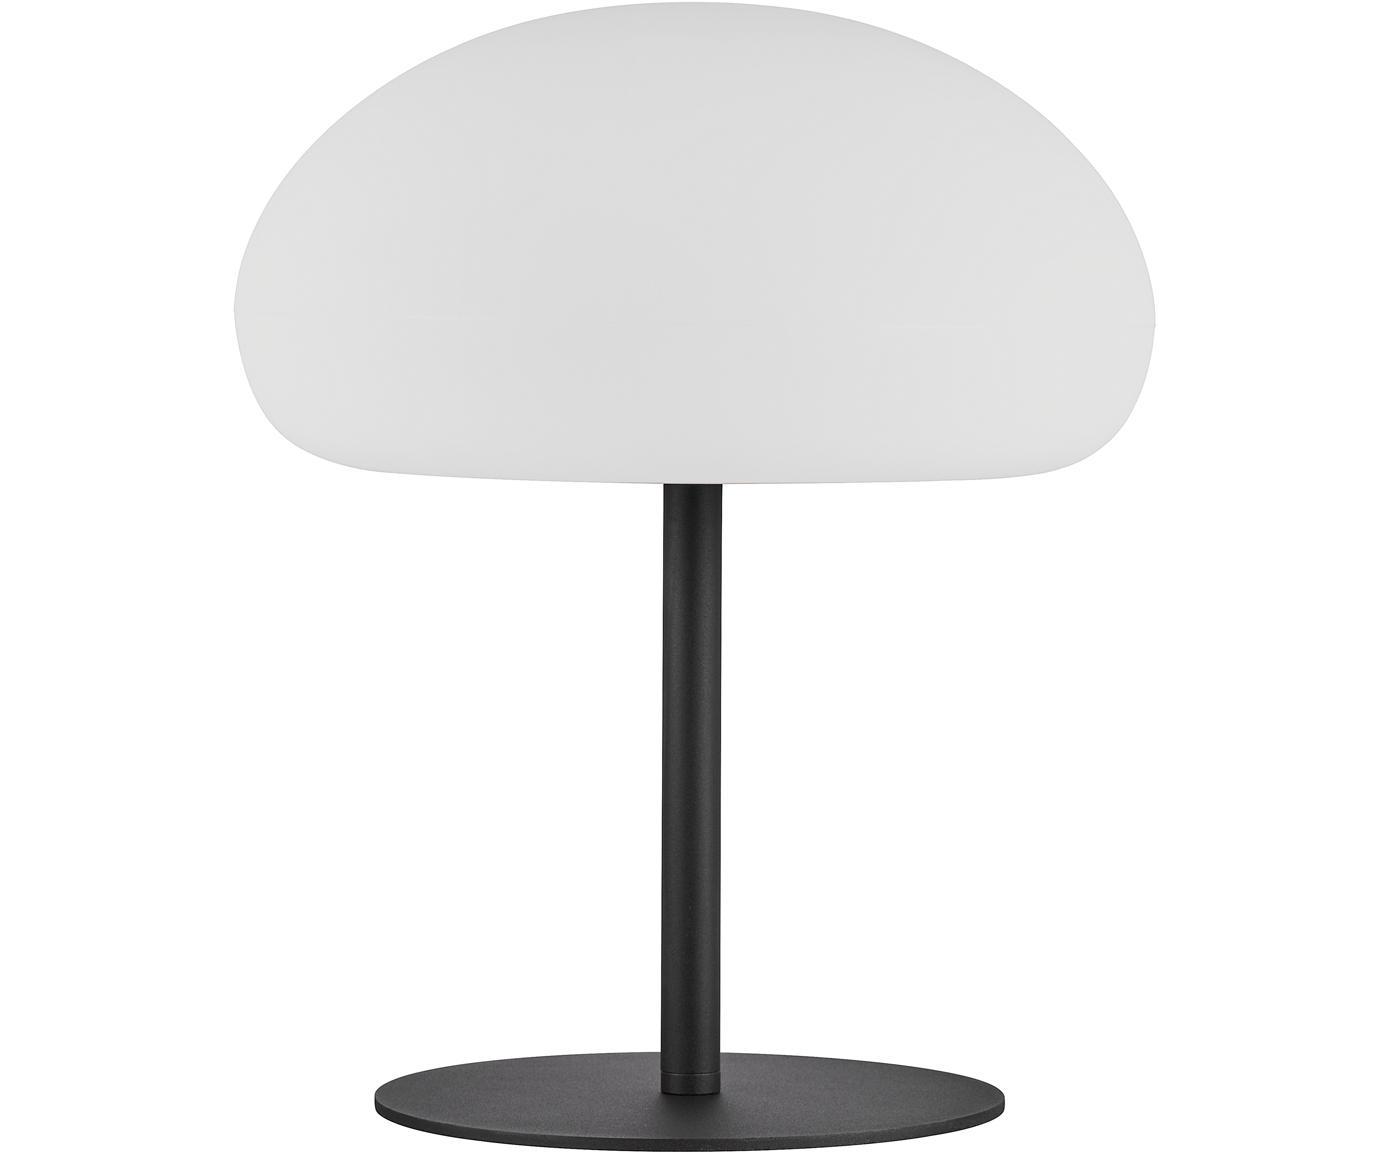 Dimmbare LED Aussentischleuchte Sponge, Lampenschirm: Kunststoff (PVC), Weiss, Schwarz, Ø 34 x H 41 cm